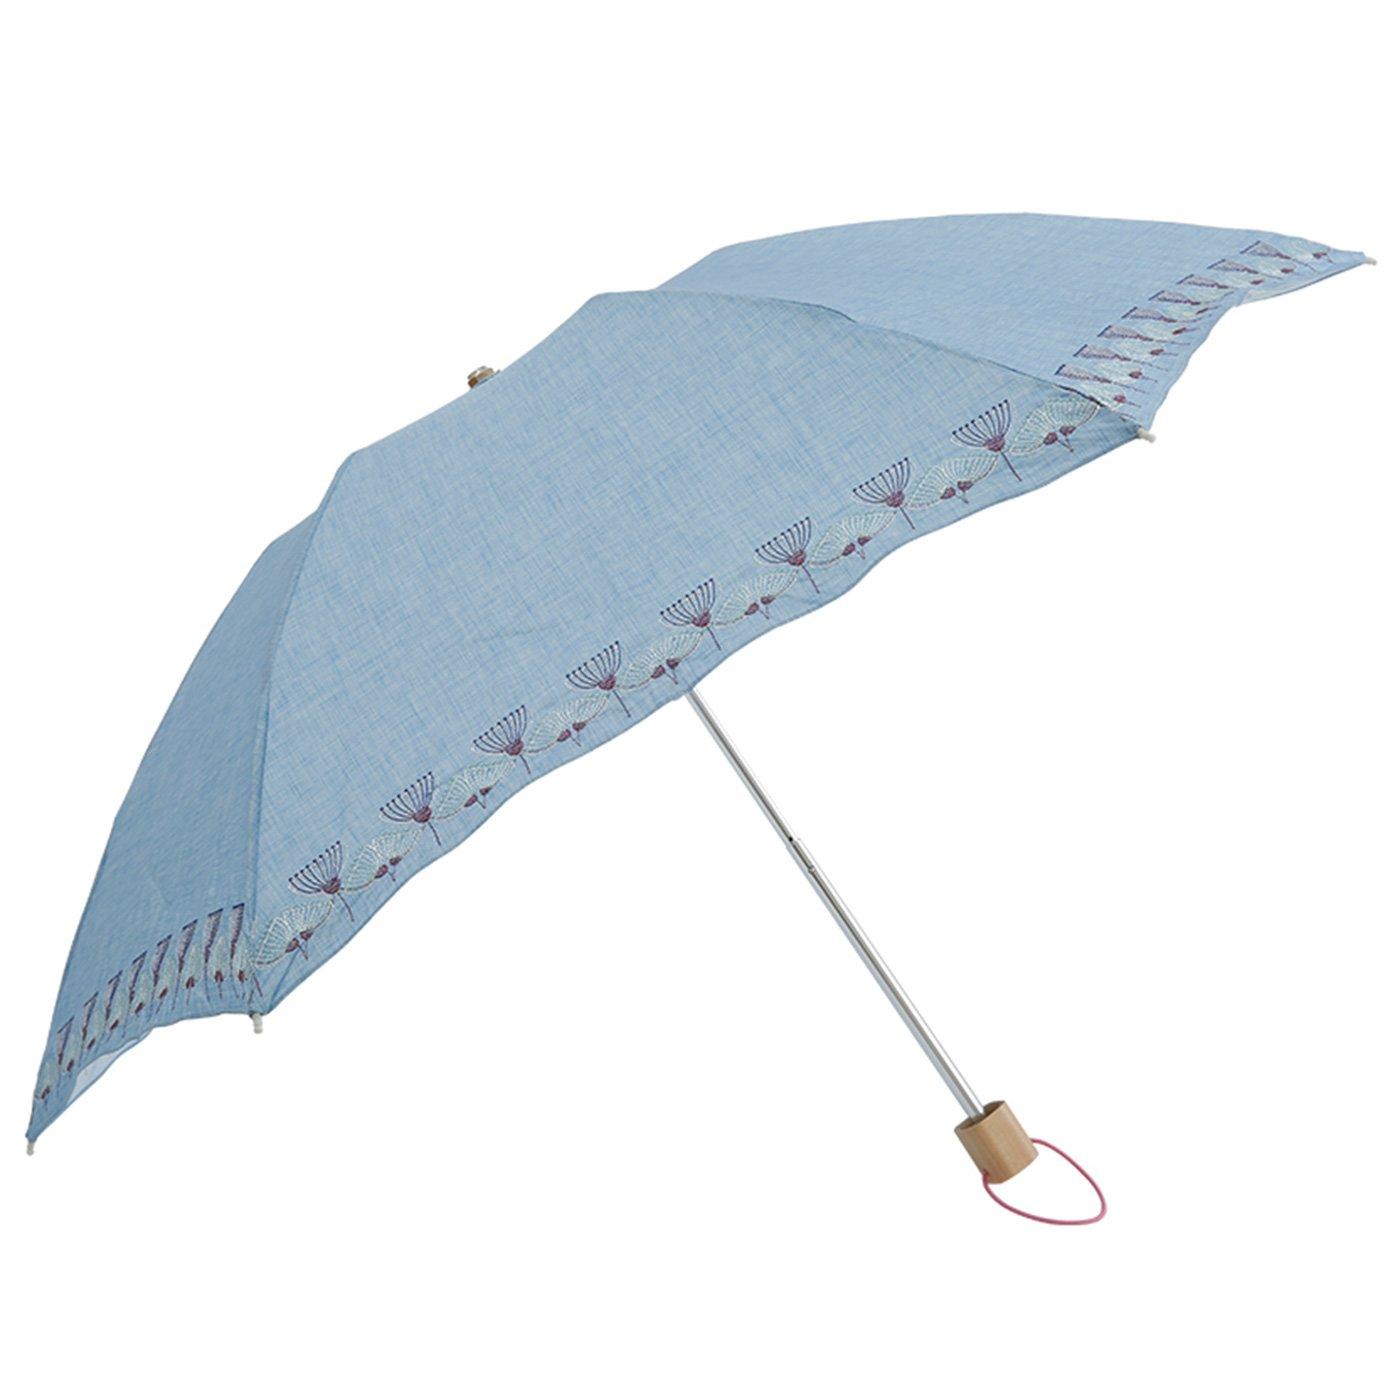 フェリシモ IEDIT[イディット] SELECT korko ウルリクスダール城の庭園をイメージした刺繍の 晴雨兼用折りたたみ日傘〈サックスブルー..